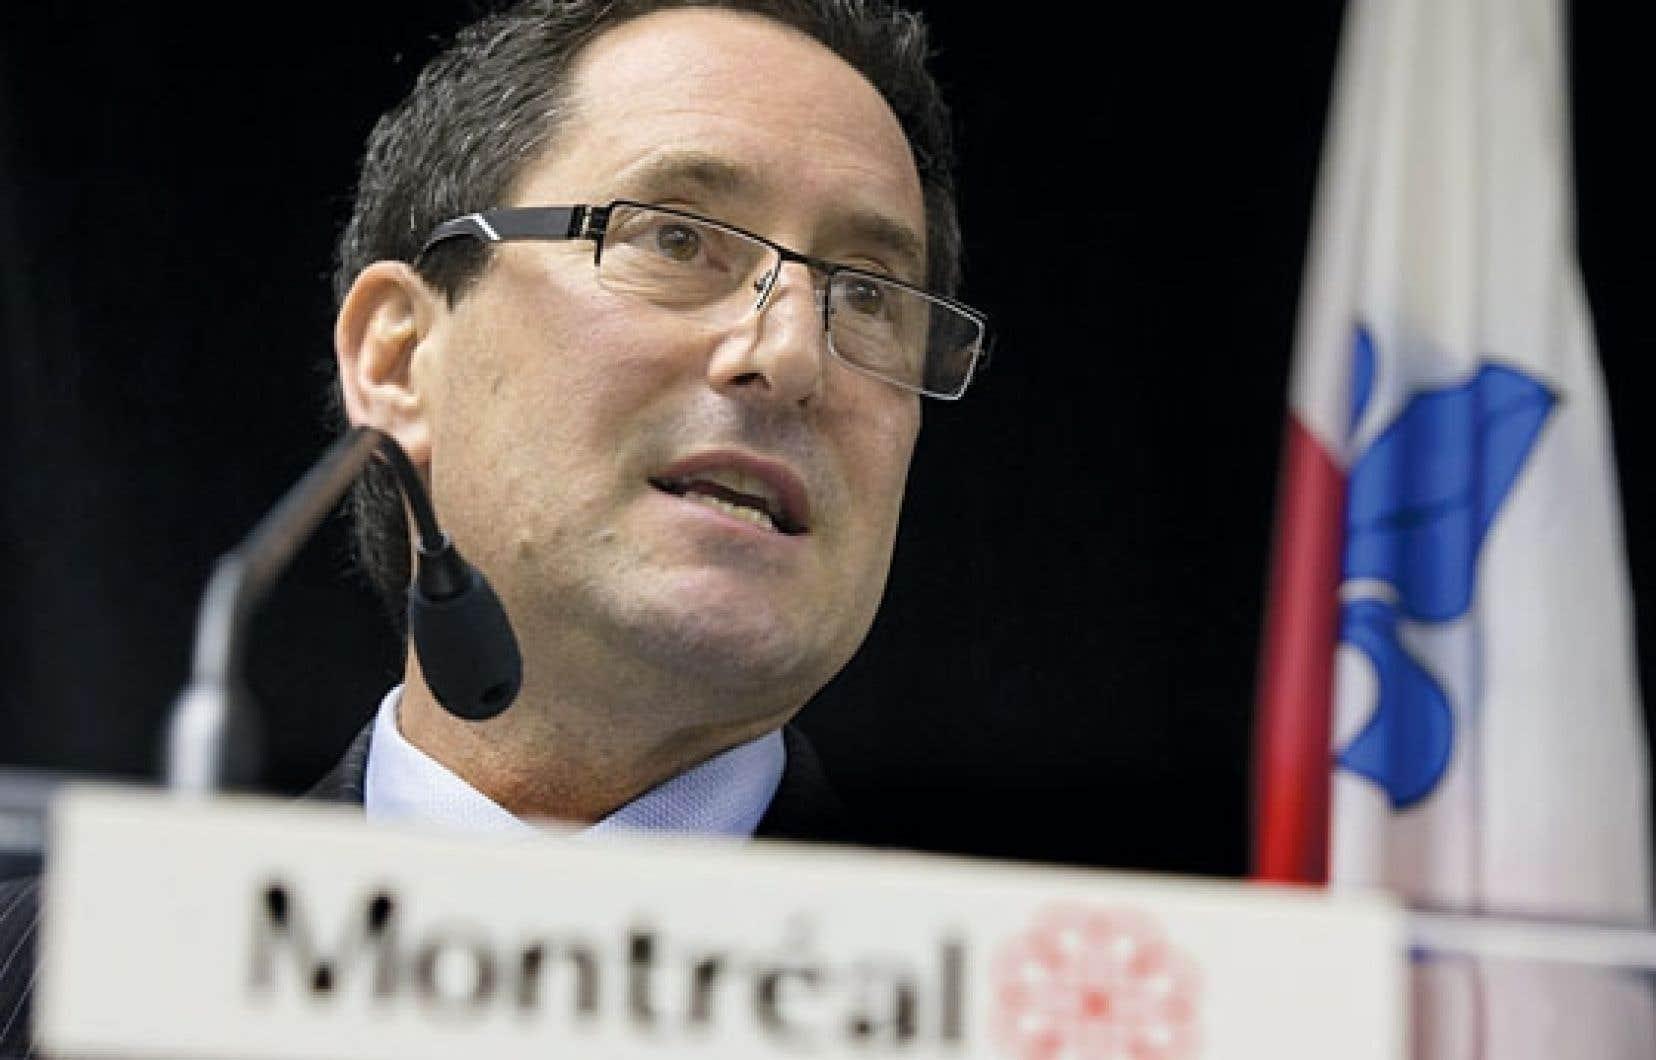 L'actuel maire de Montréal, Michael Applebaum, assure que ni Gérald Tremblay ni les membres du comité exécutif n'ont été mis au courant de l'existence de l'étude de 2004 sur les coûts des travaux d'infrastructures à Montréal pendant huit ans.